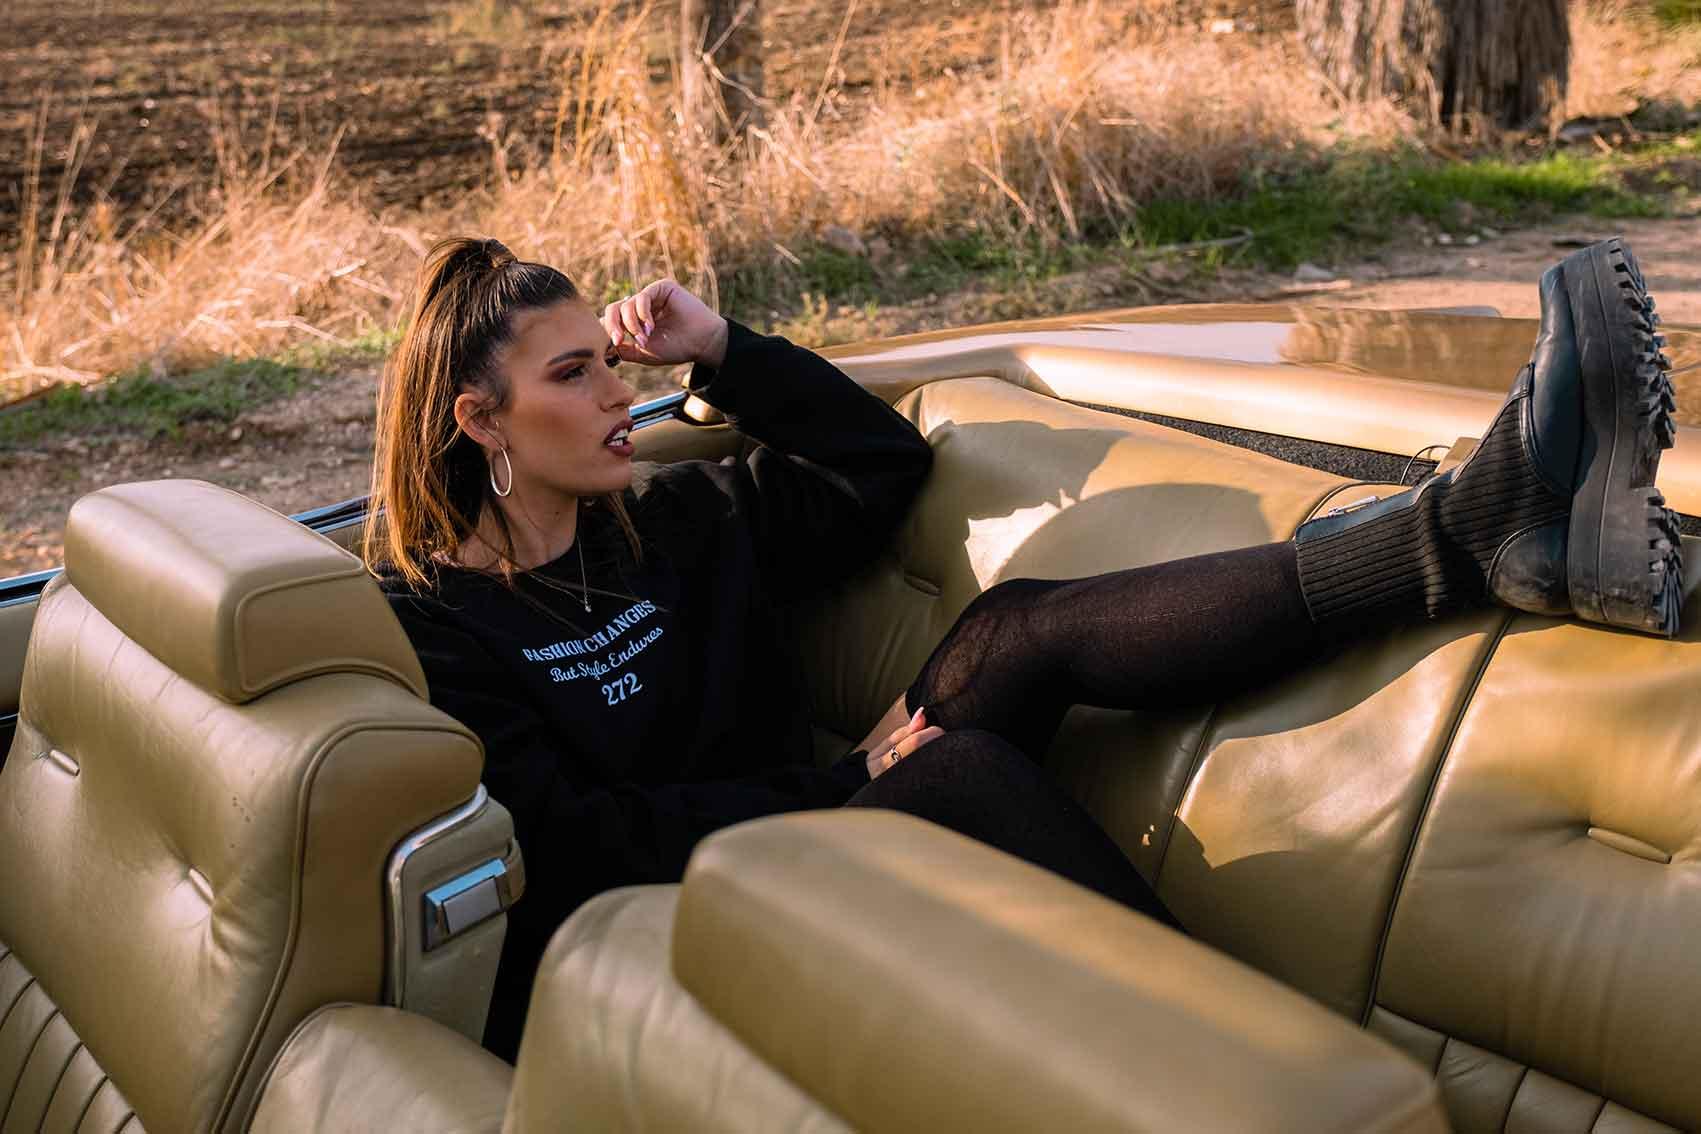 קובי-בן-יהודה-אופנת נשים-Fashion-Israel-אופנה